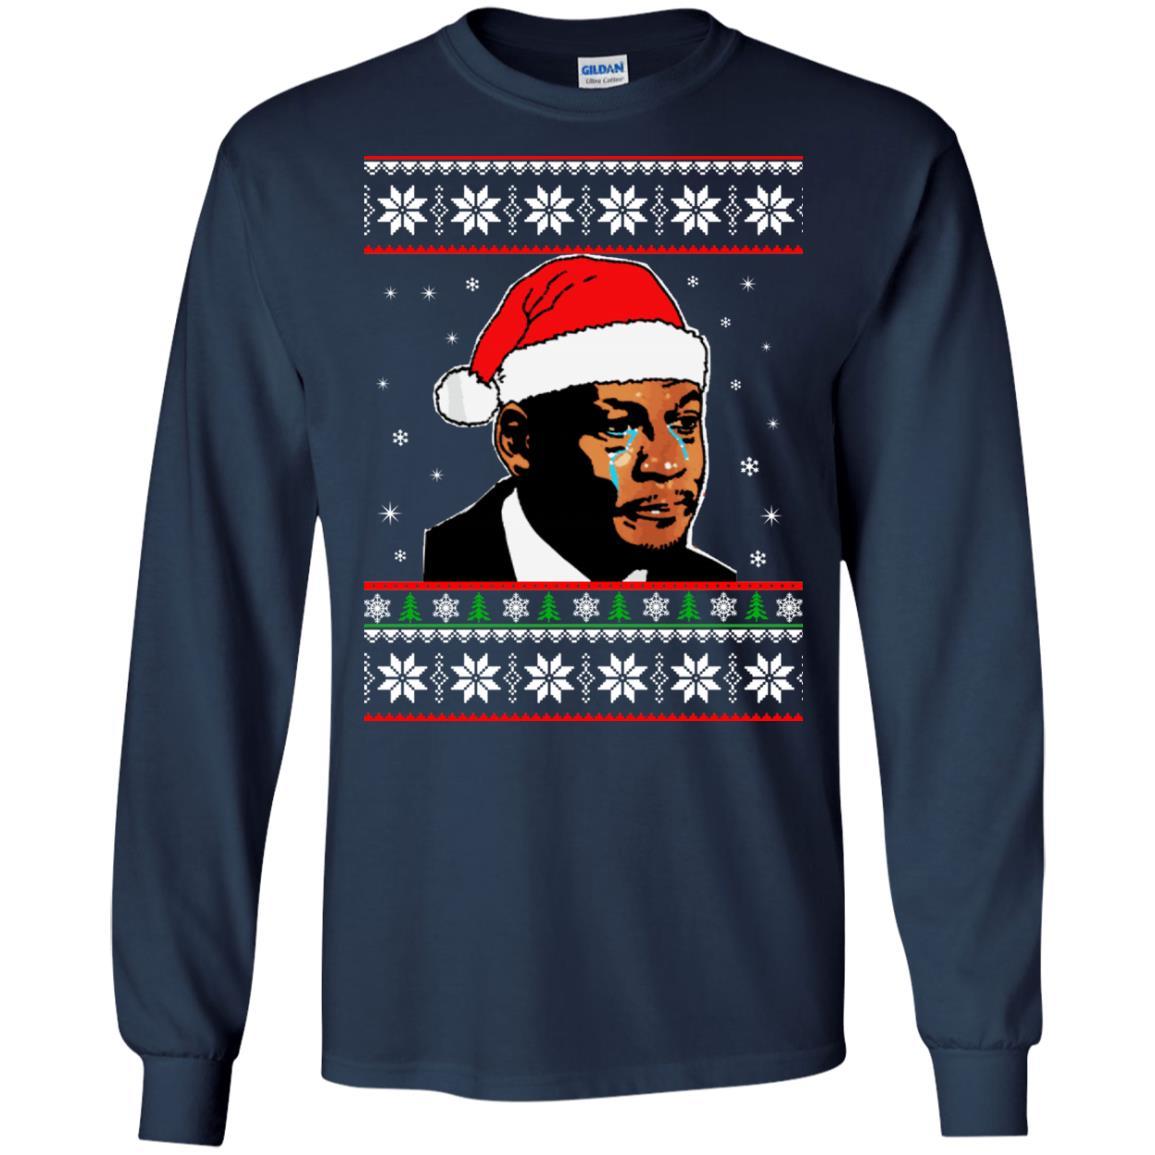 image 2663 - Crying Jordan Christmas Sweater, Christmas Jordan Ugly Sweatshirt